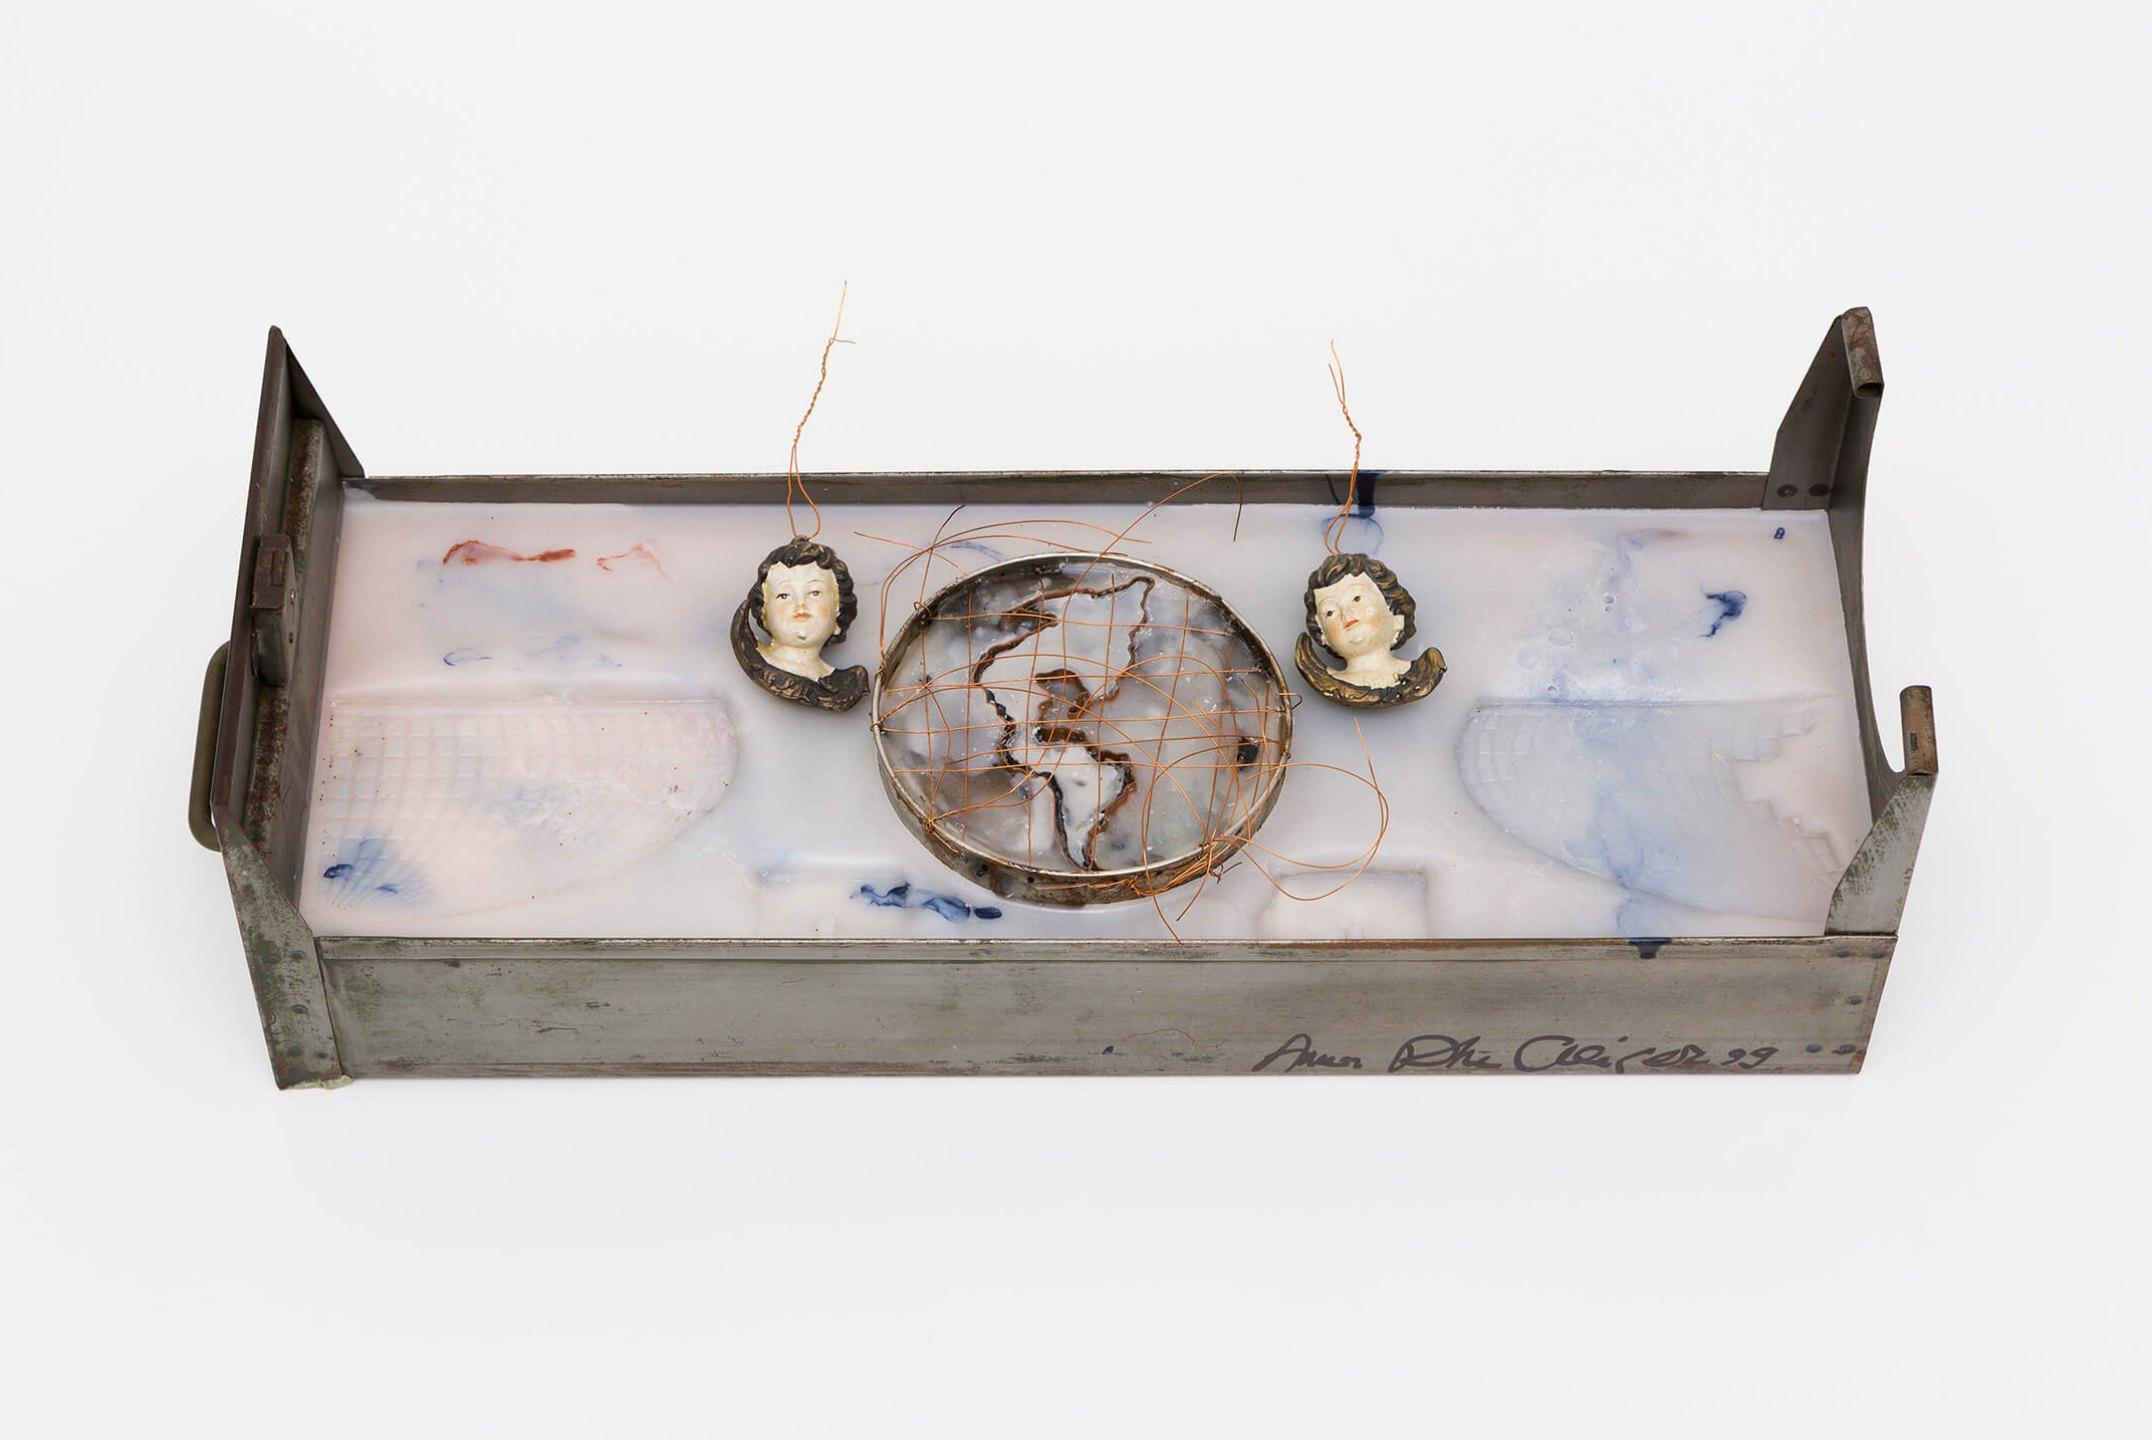 Anna Bella Geiger,<em>Orbis Descriptio com Américas e dois ventos</em>,1999, iron file drawer, encaustic, sheets and wire of copper, pigment and ceramic, 9,5×59,5×6,5 cm - Mendes Wood DM